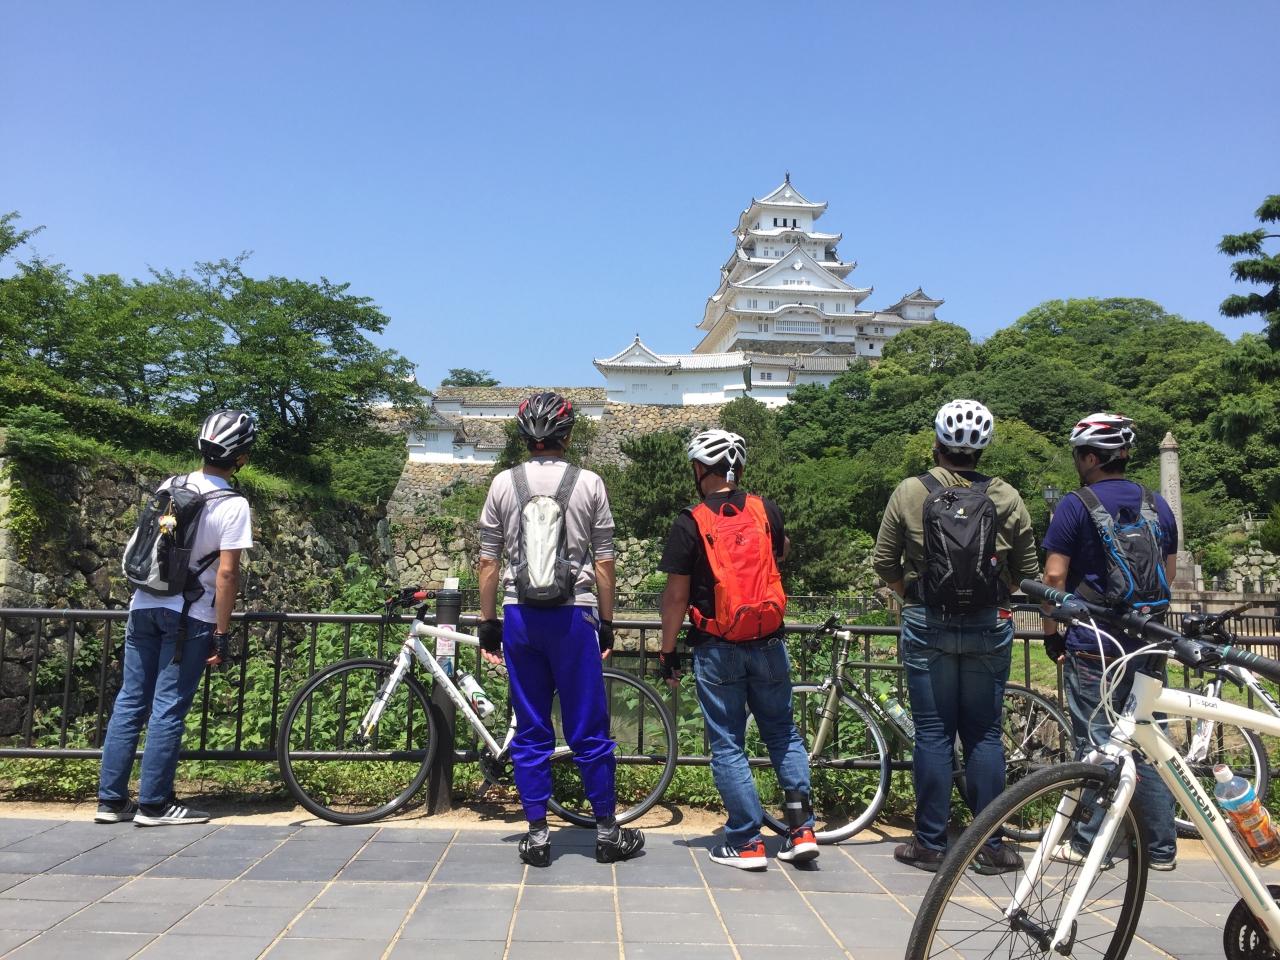 6/30 Climb街角トレッキング~姫路市街 募る!